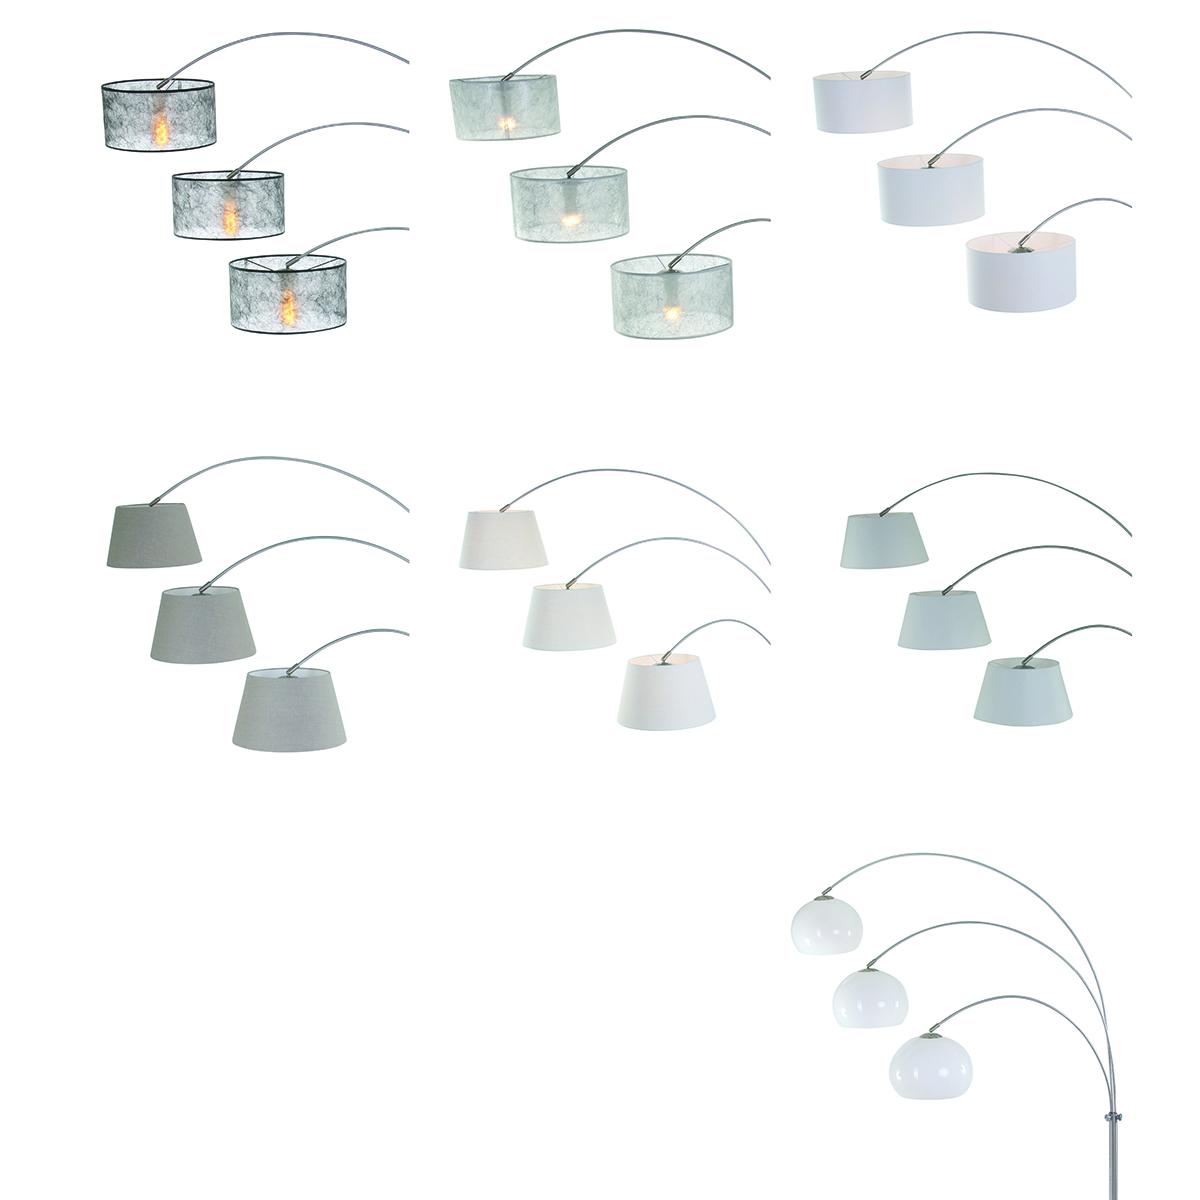 Vloerlamp 3-lichts bogen STEINHAUER - 1570ST - Vloerlamp- Steinhauer- Gramineus- Modern- Staal  staal geborsteld-